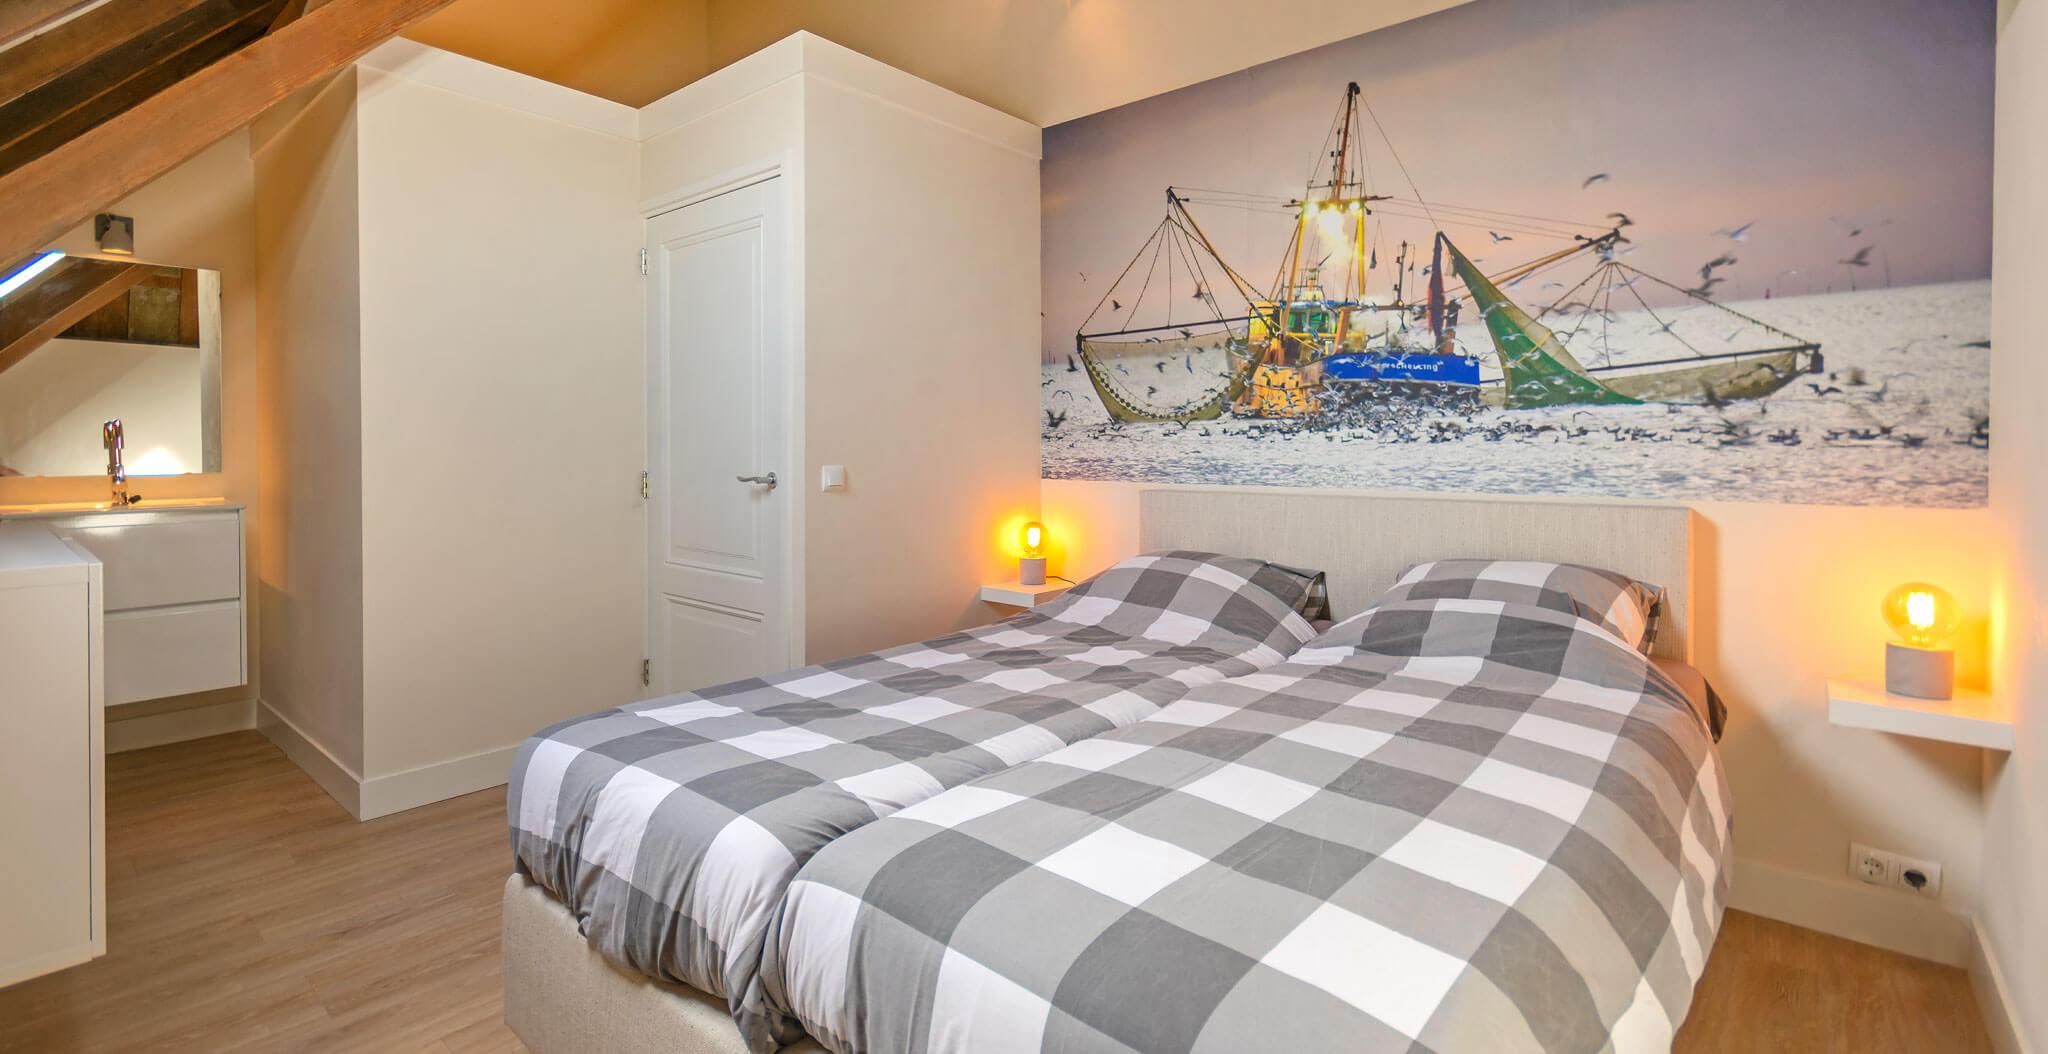 slaapkamer in het vakantiehuisj